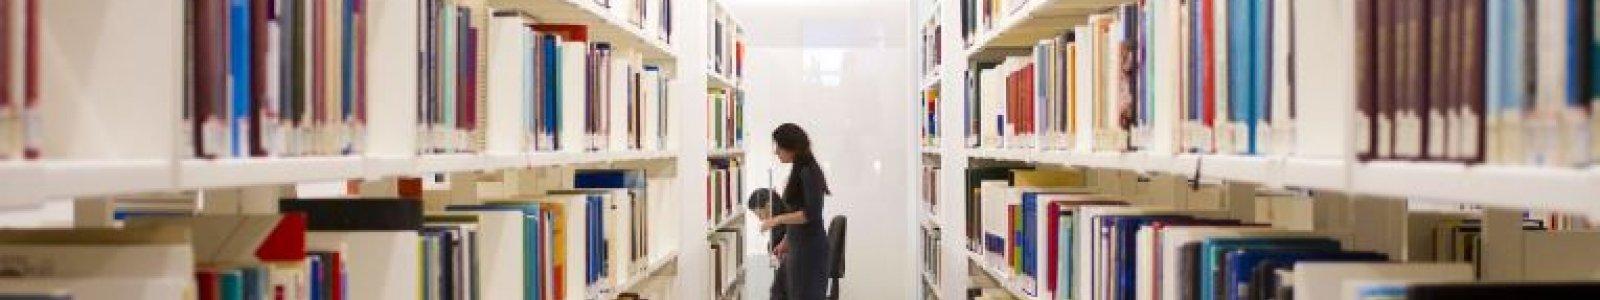 UB boekenkasten in UBB